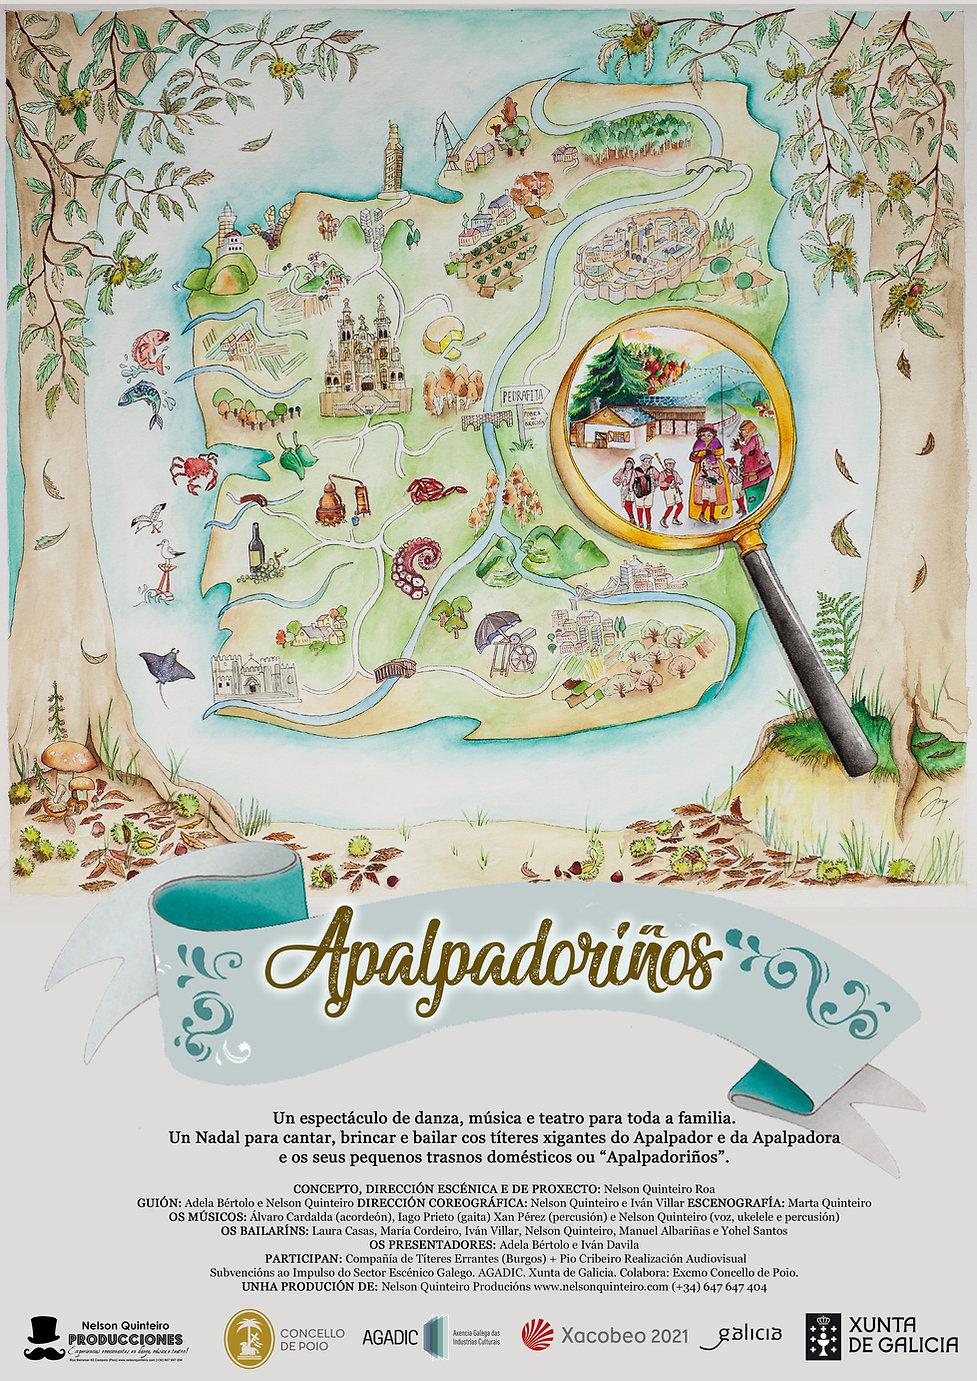 APALPADORIÑOS A3 ACOPLADO.jpg